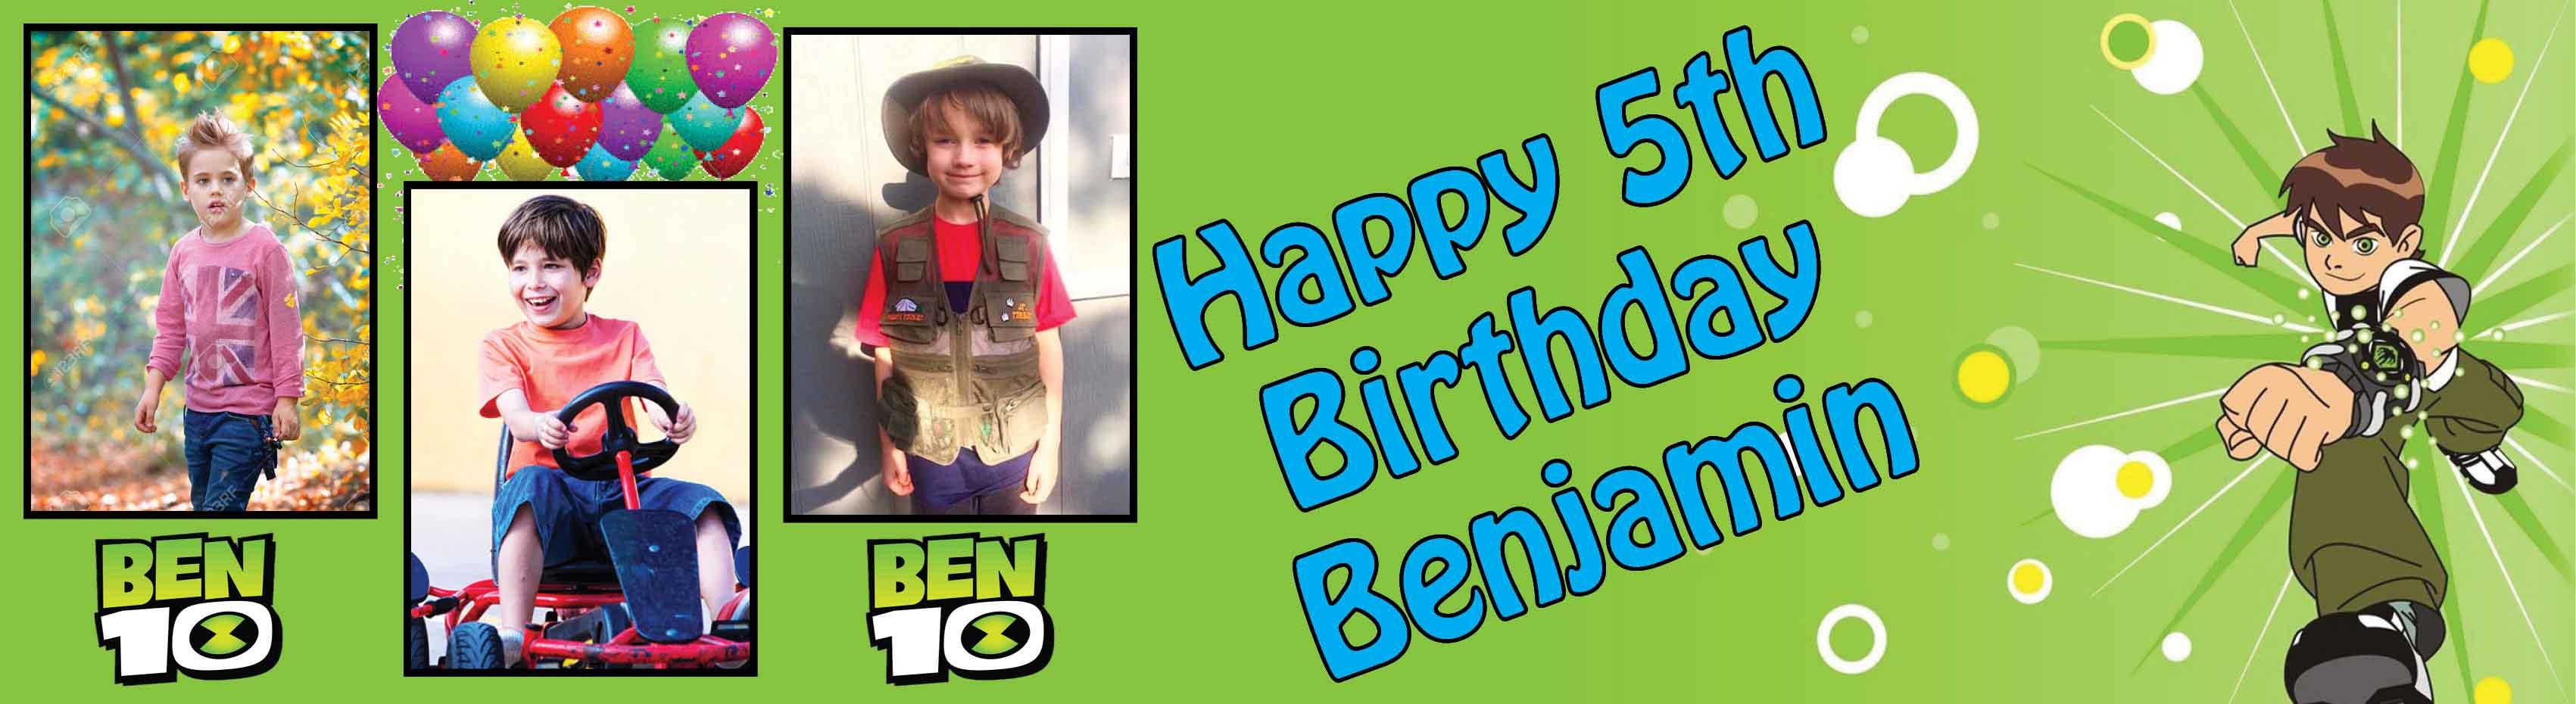 Ben 10 Birthday Banner